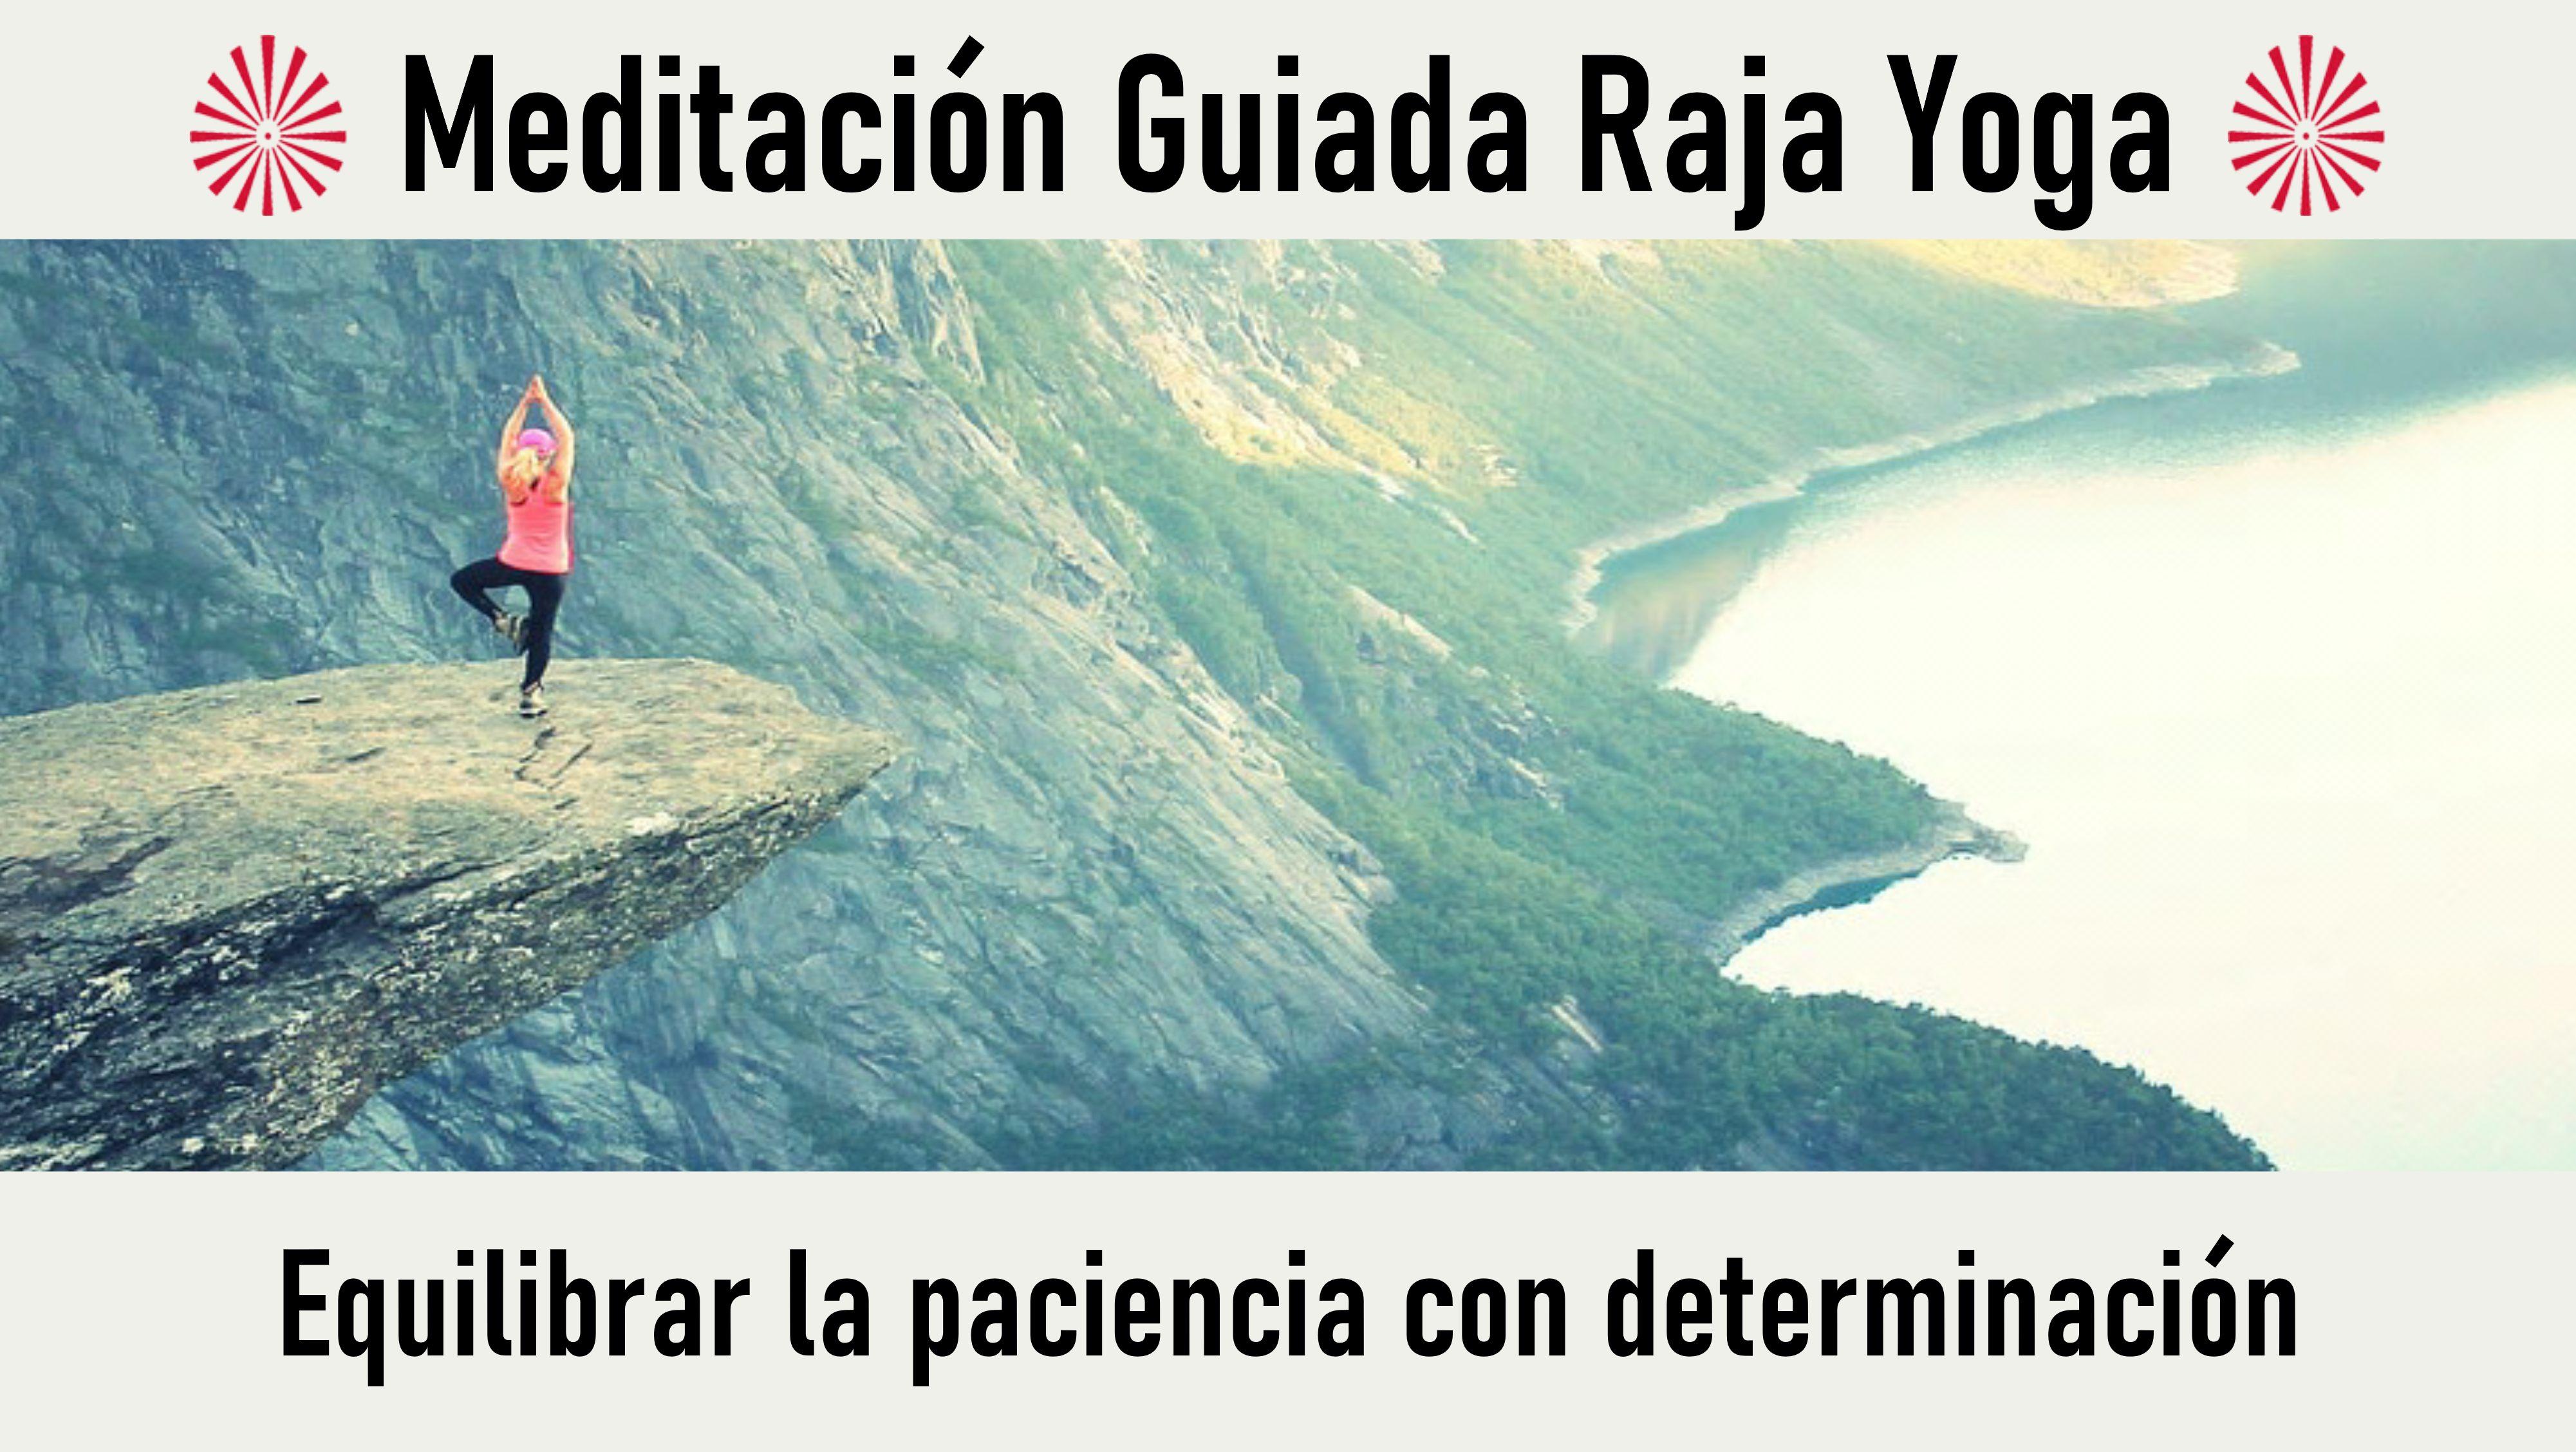 Meditación Raja Yoga: Equilibrar la paciencia con determinación (5 Septiembre 2020) On-line desde Valencia